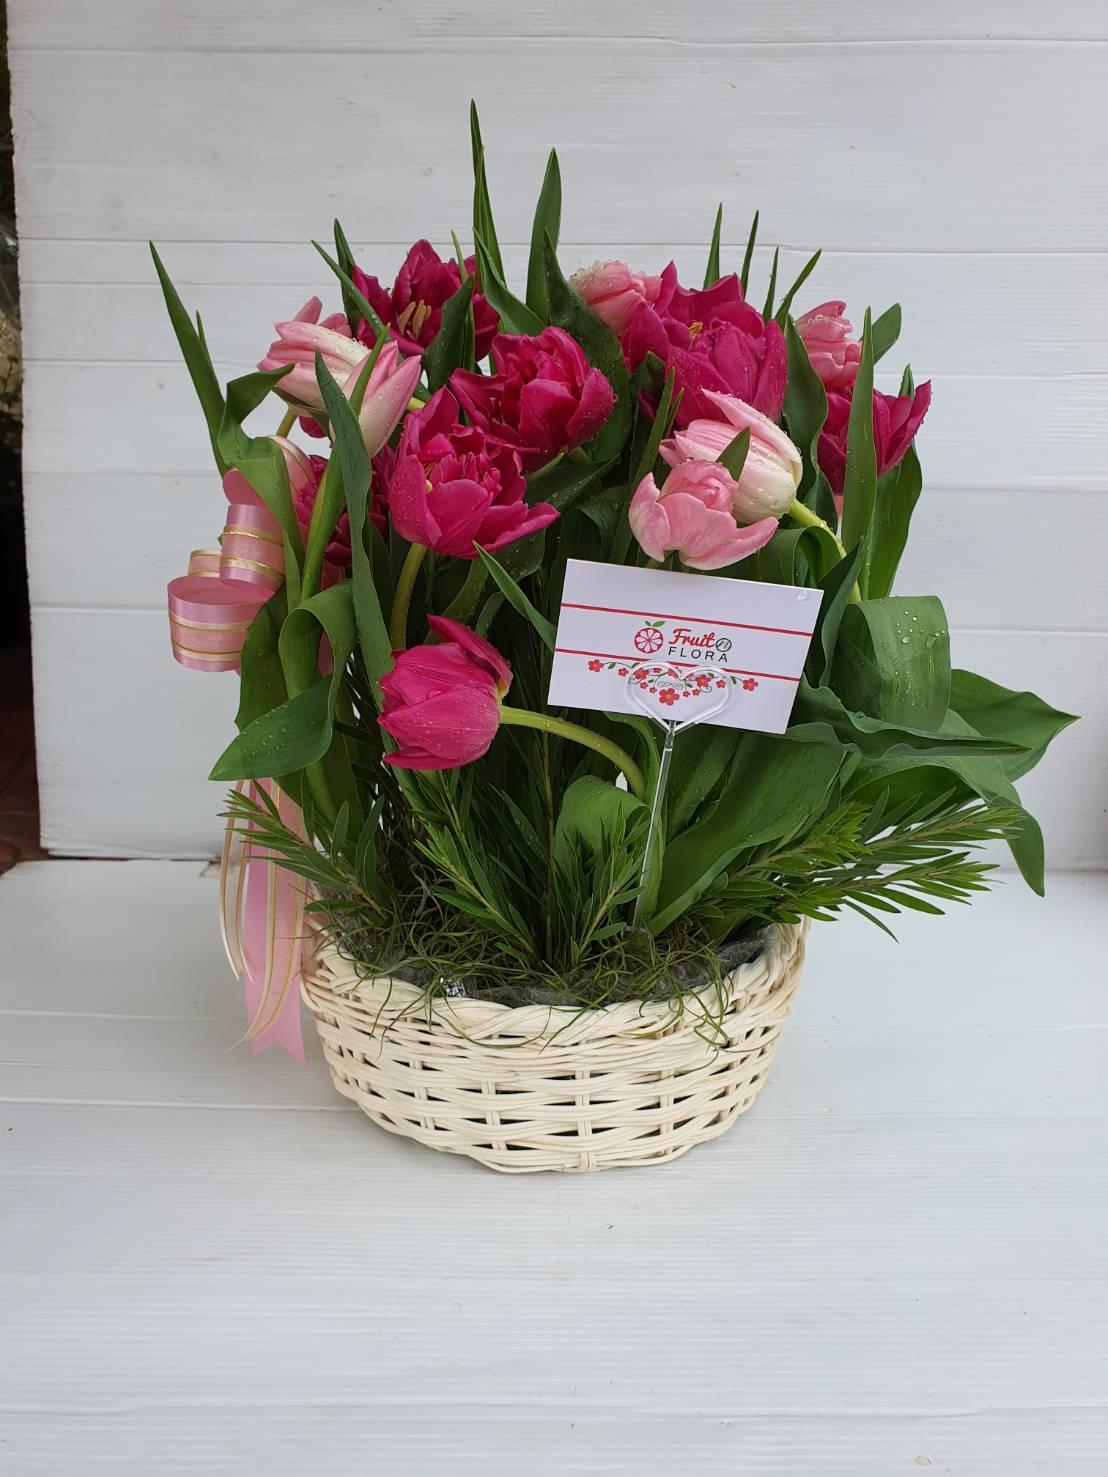 ดอกทิวลิปจำนวนมากถูกนำมาจัดเป็นกระเช้าดอกไม้ที่สวยและหวานมาก